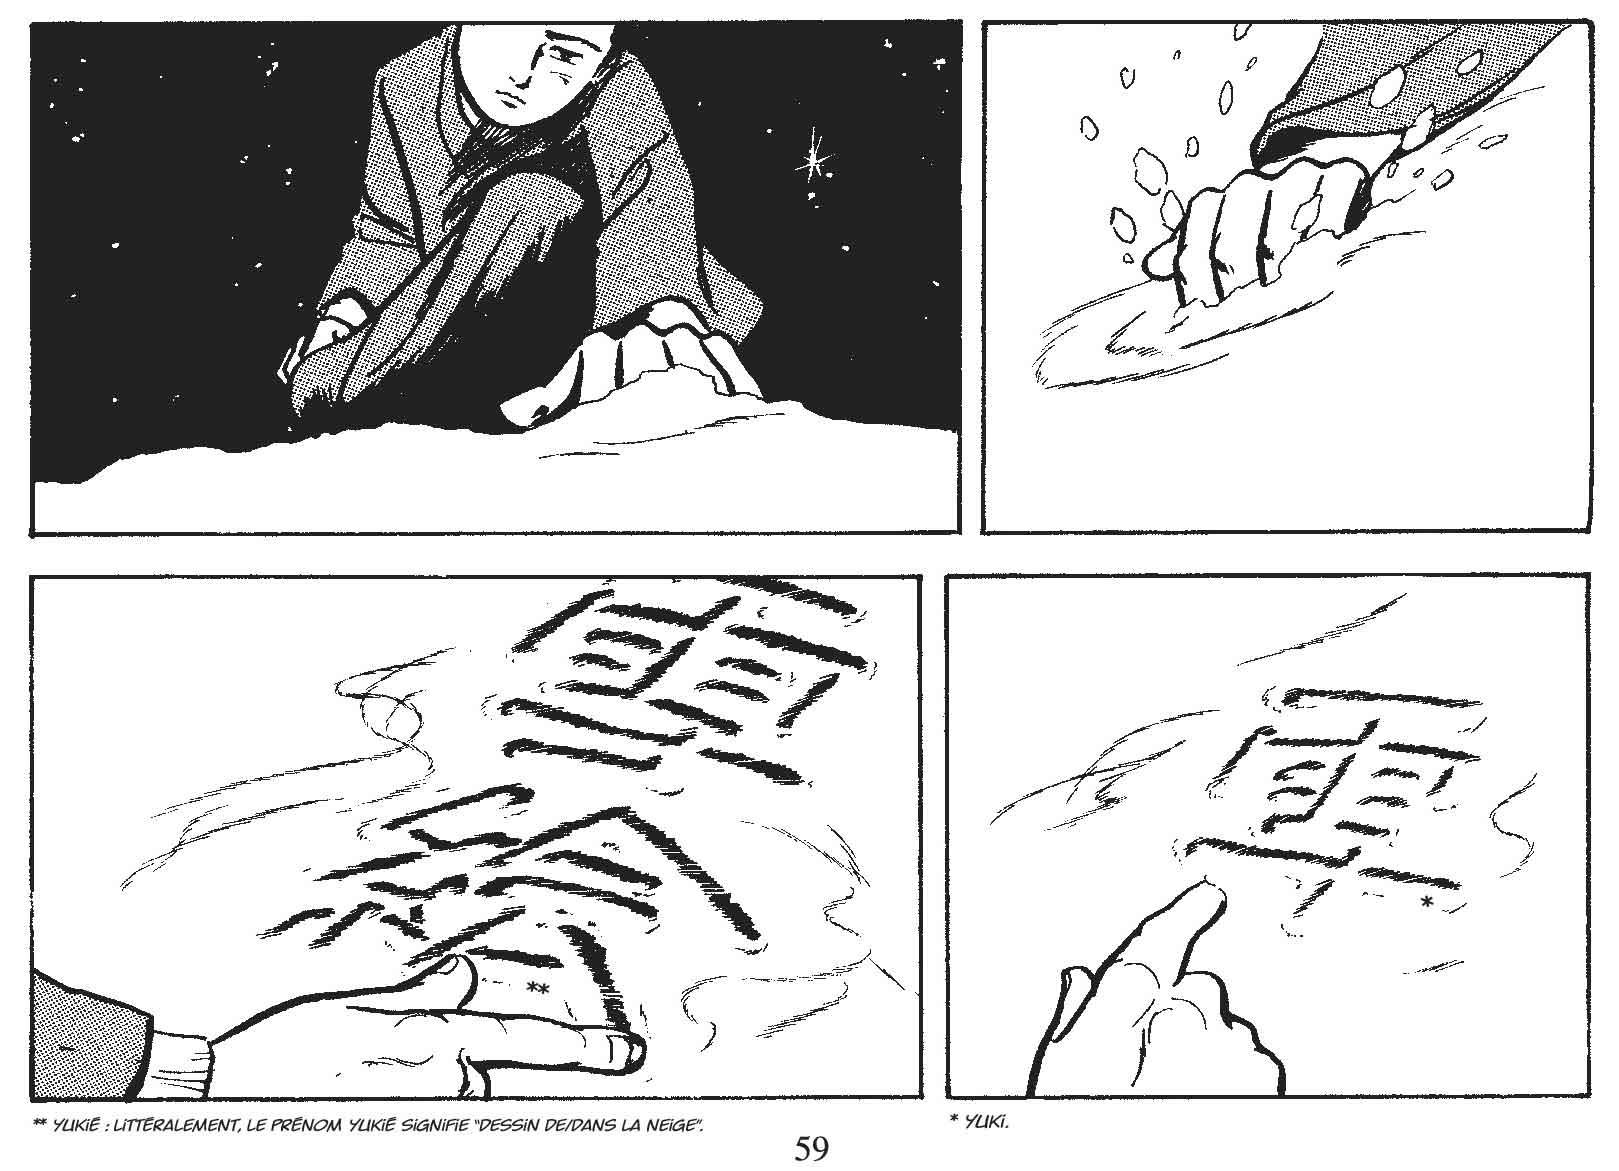 shinano-neige